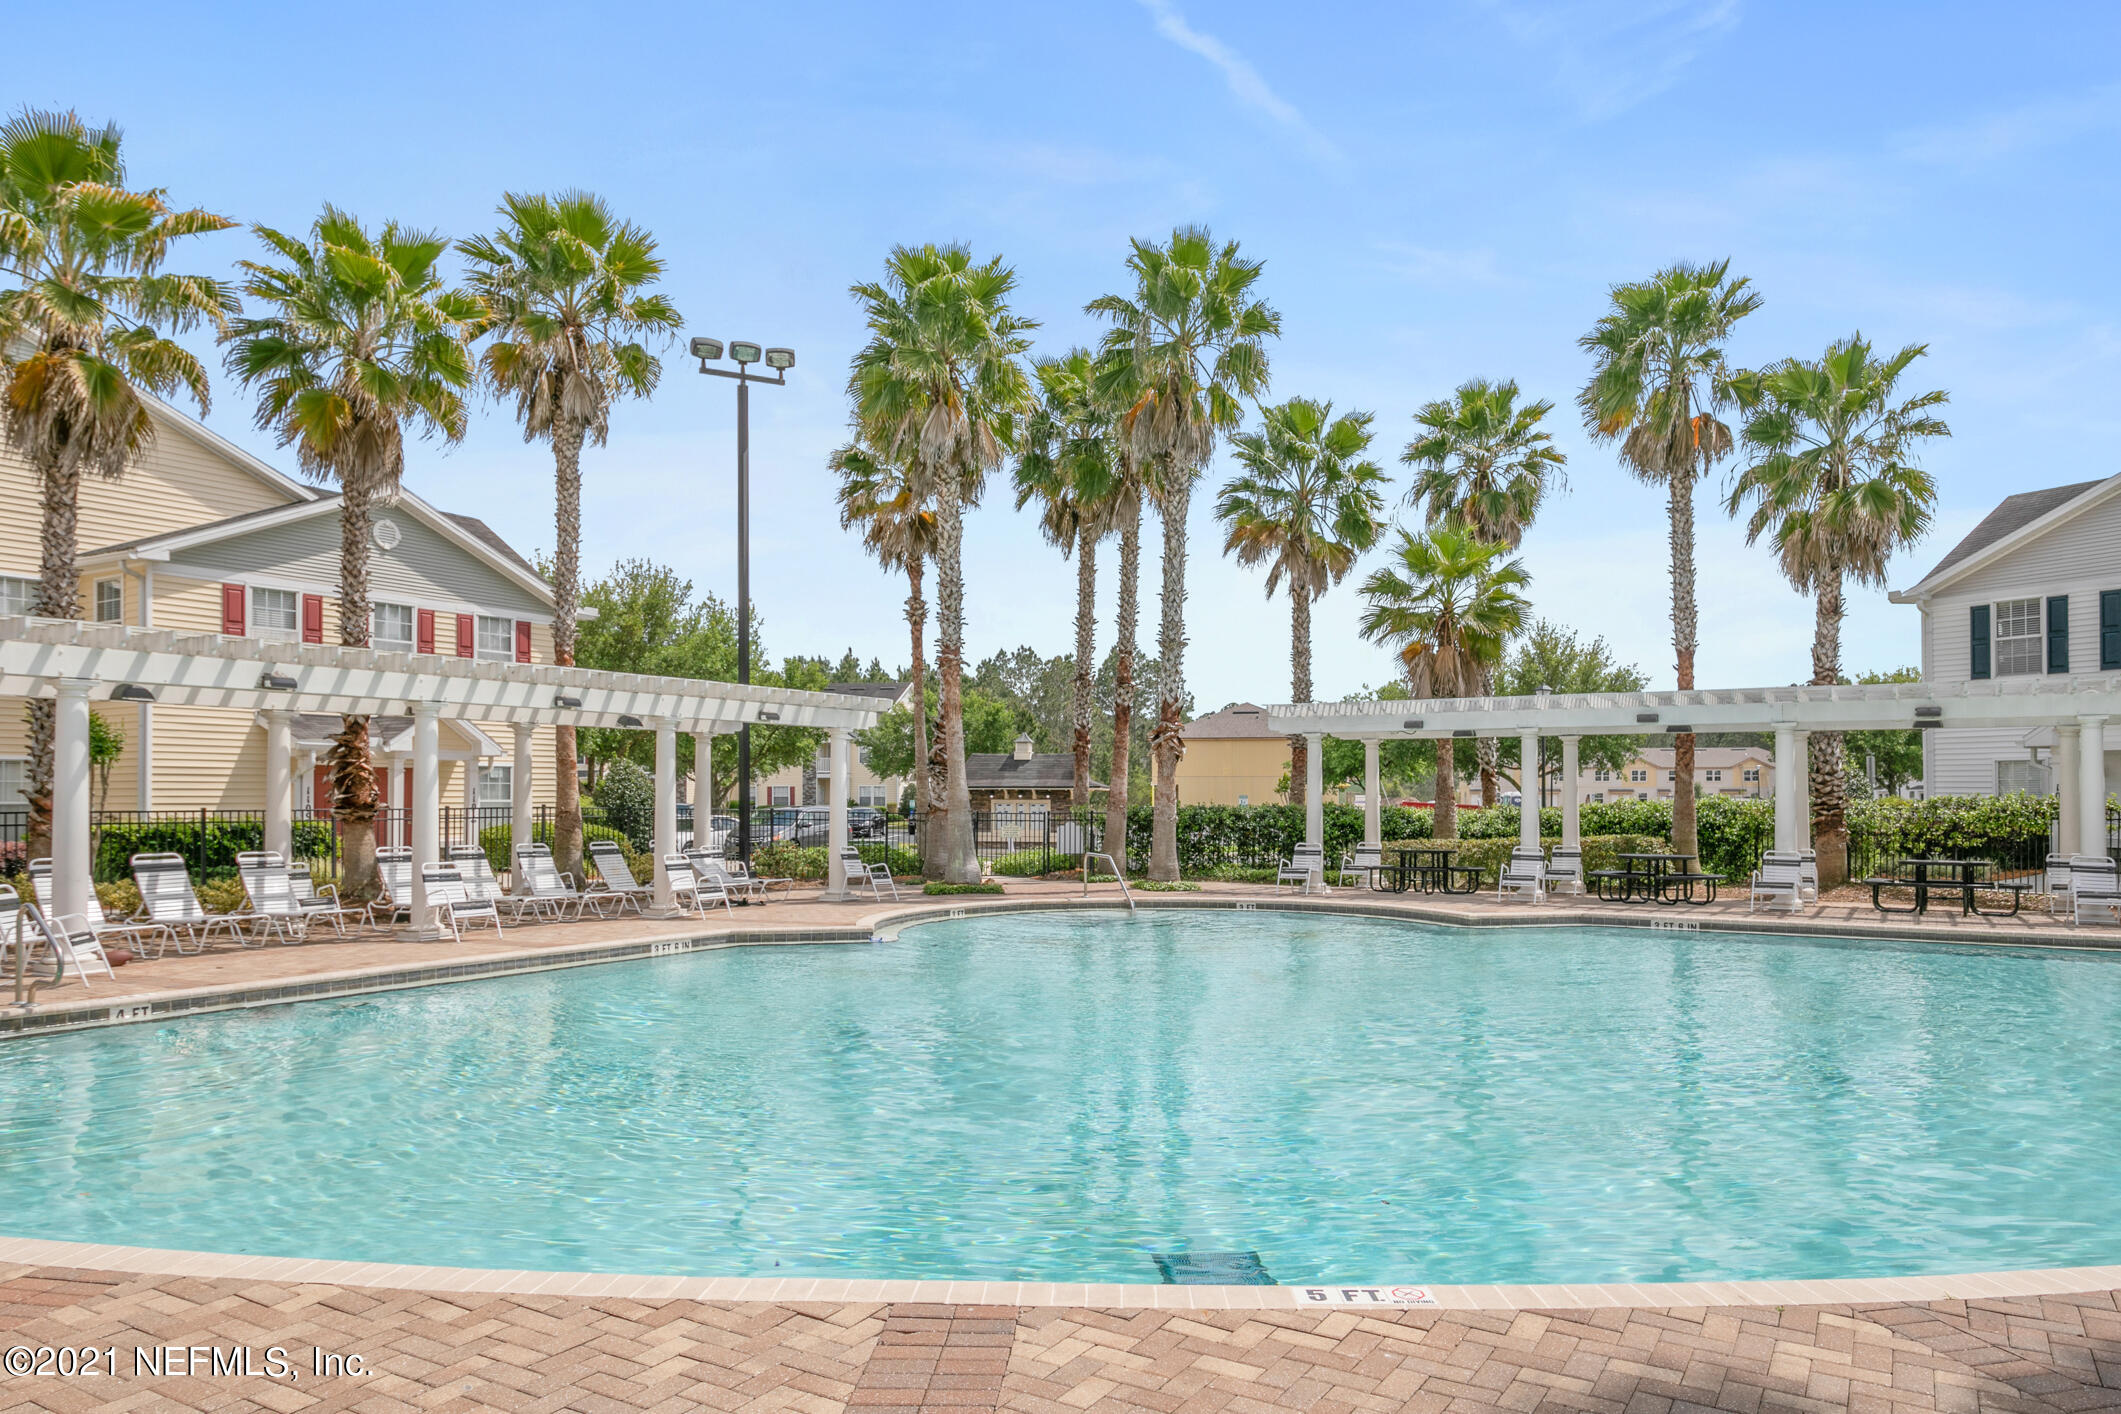 575 OAKLEAF PLANTATION, ORANGE PARK, FLORIDA 32065, 2 Bedrooms Bedrooms, ,2 BathroomsBathrooms,Residential,For sale,OAKLEAF PLANTATION,1105762